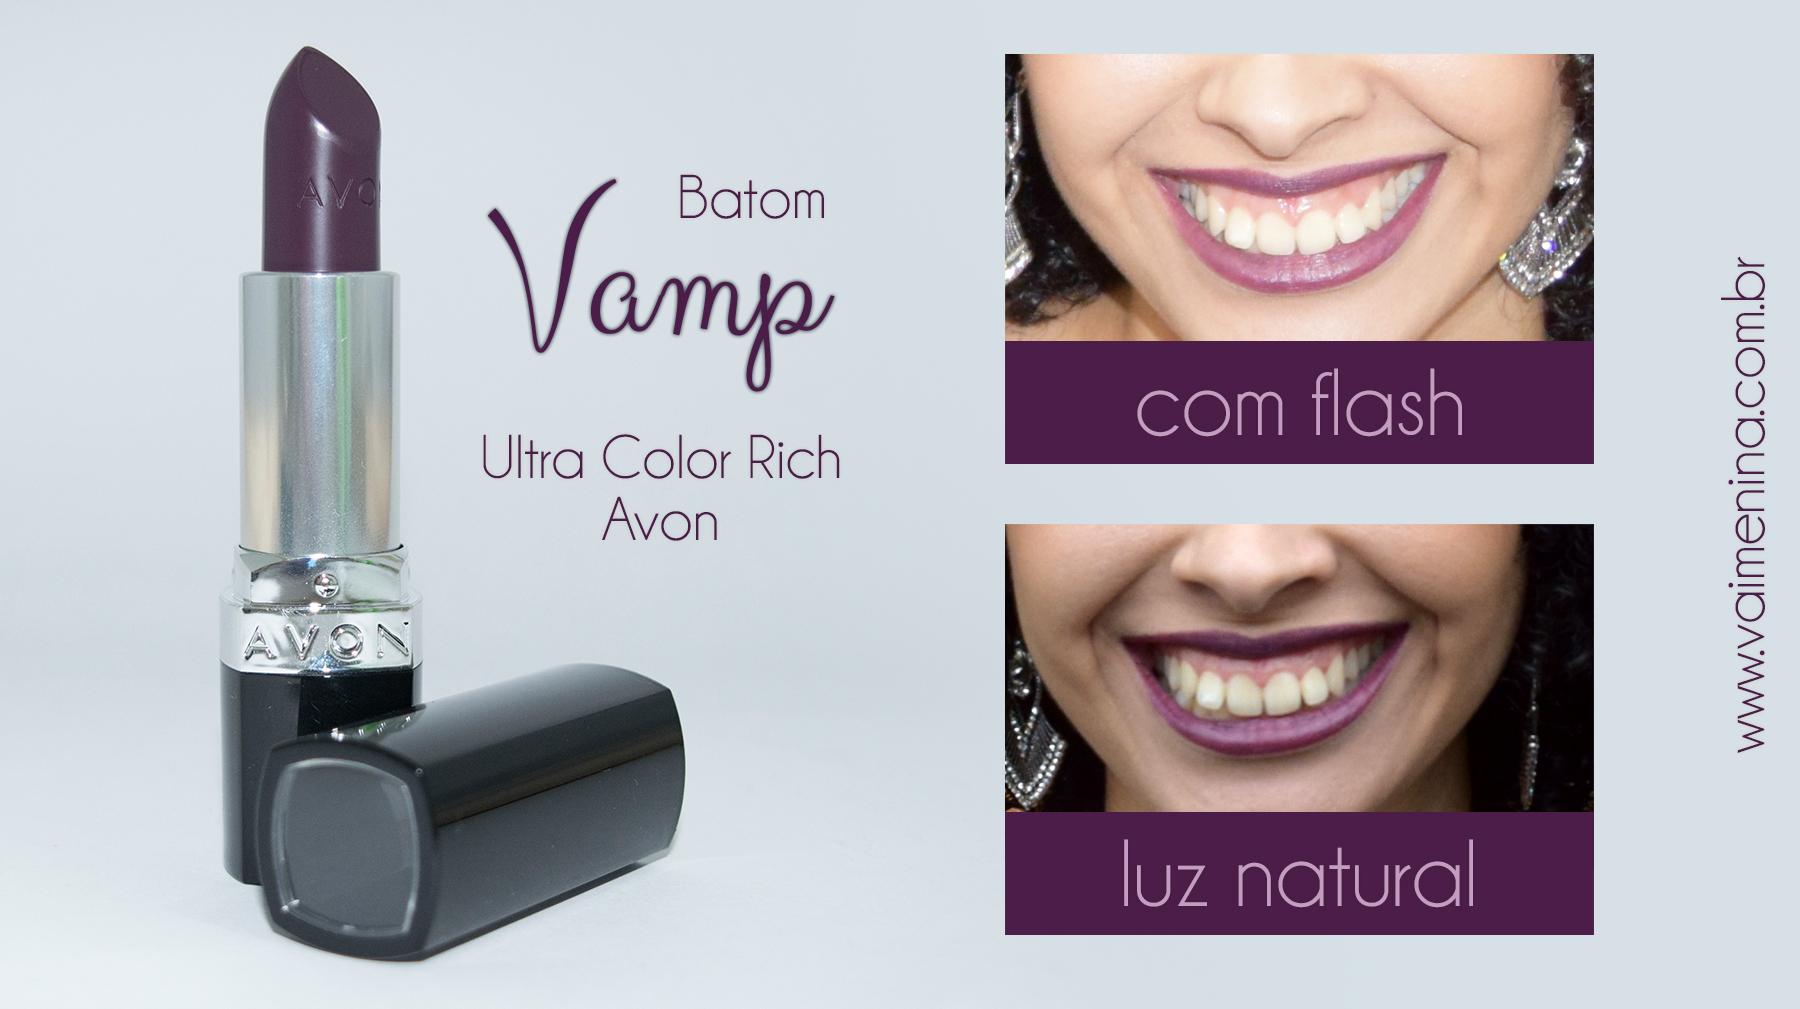 Resenha-batom-Vamp-da-Avon-com-flash-luz-natural-comparação